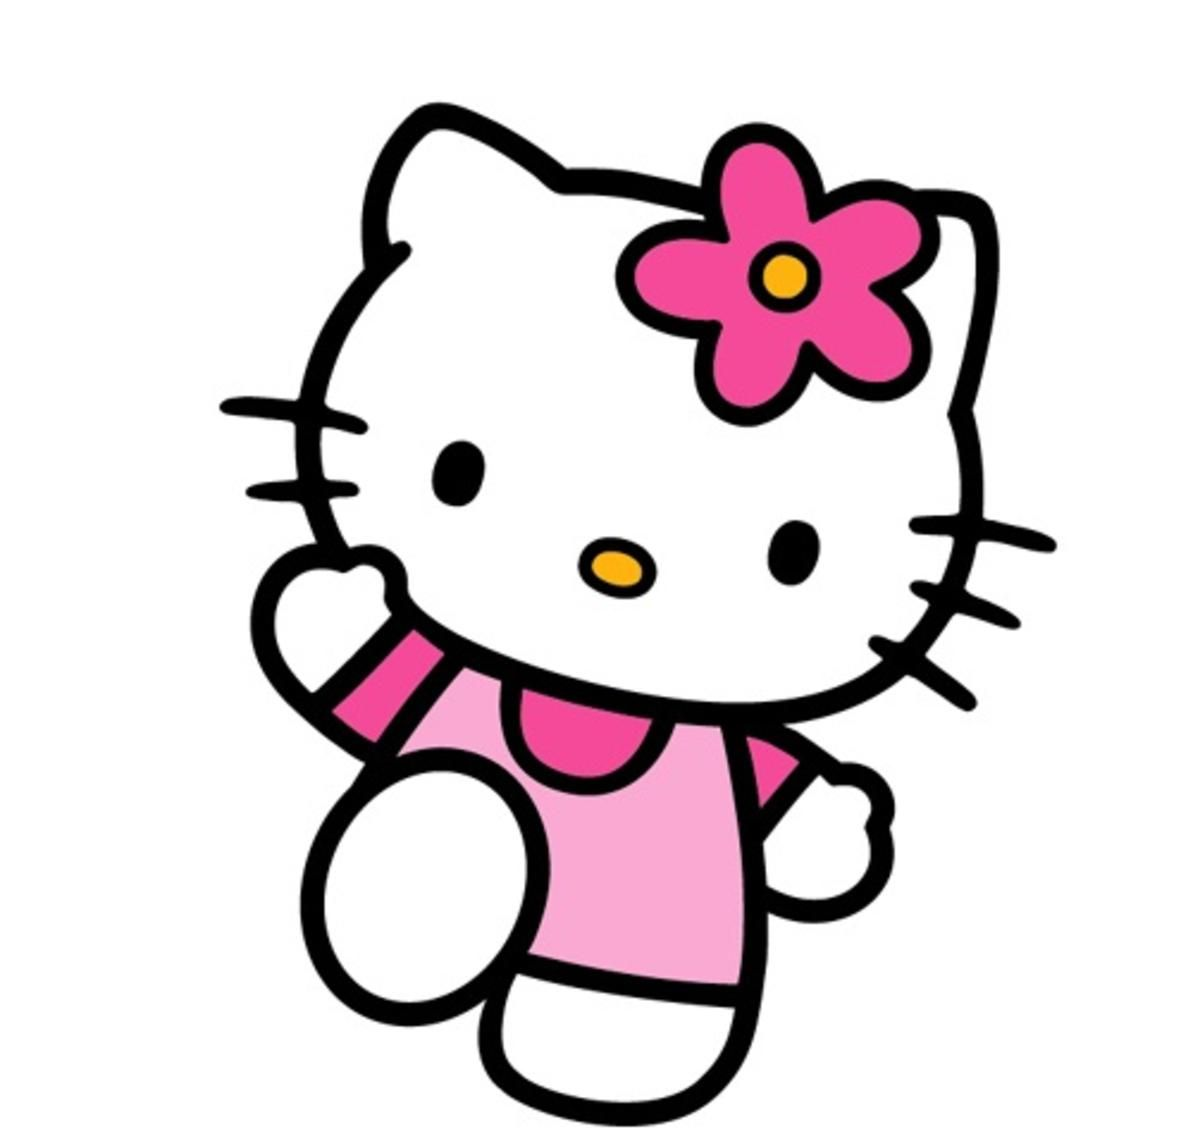 Good Wallpaper Hello Kitty Face - 78ef76094083189040000275ecd8b801  Snapshot_988799.jpg